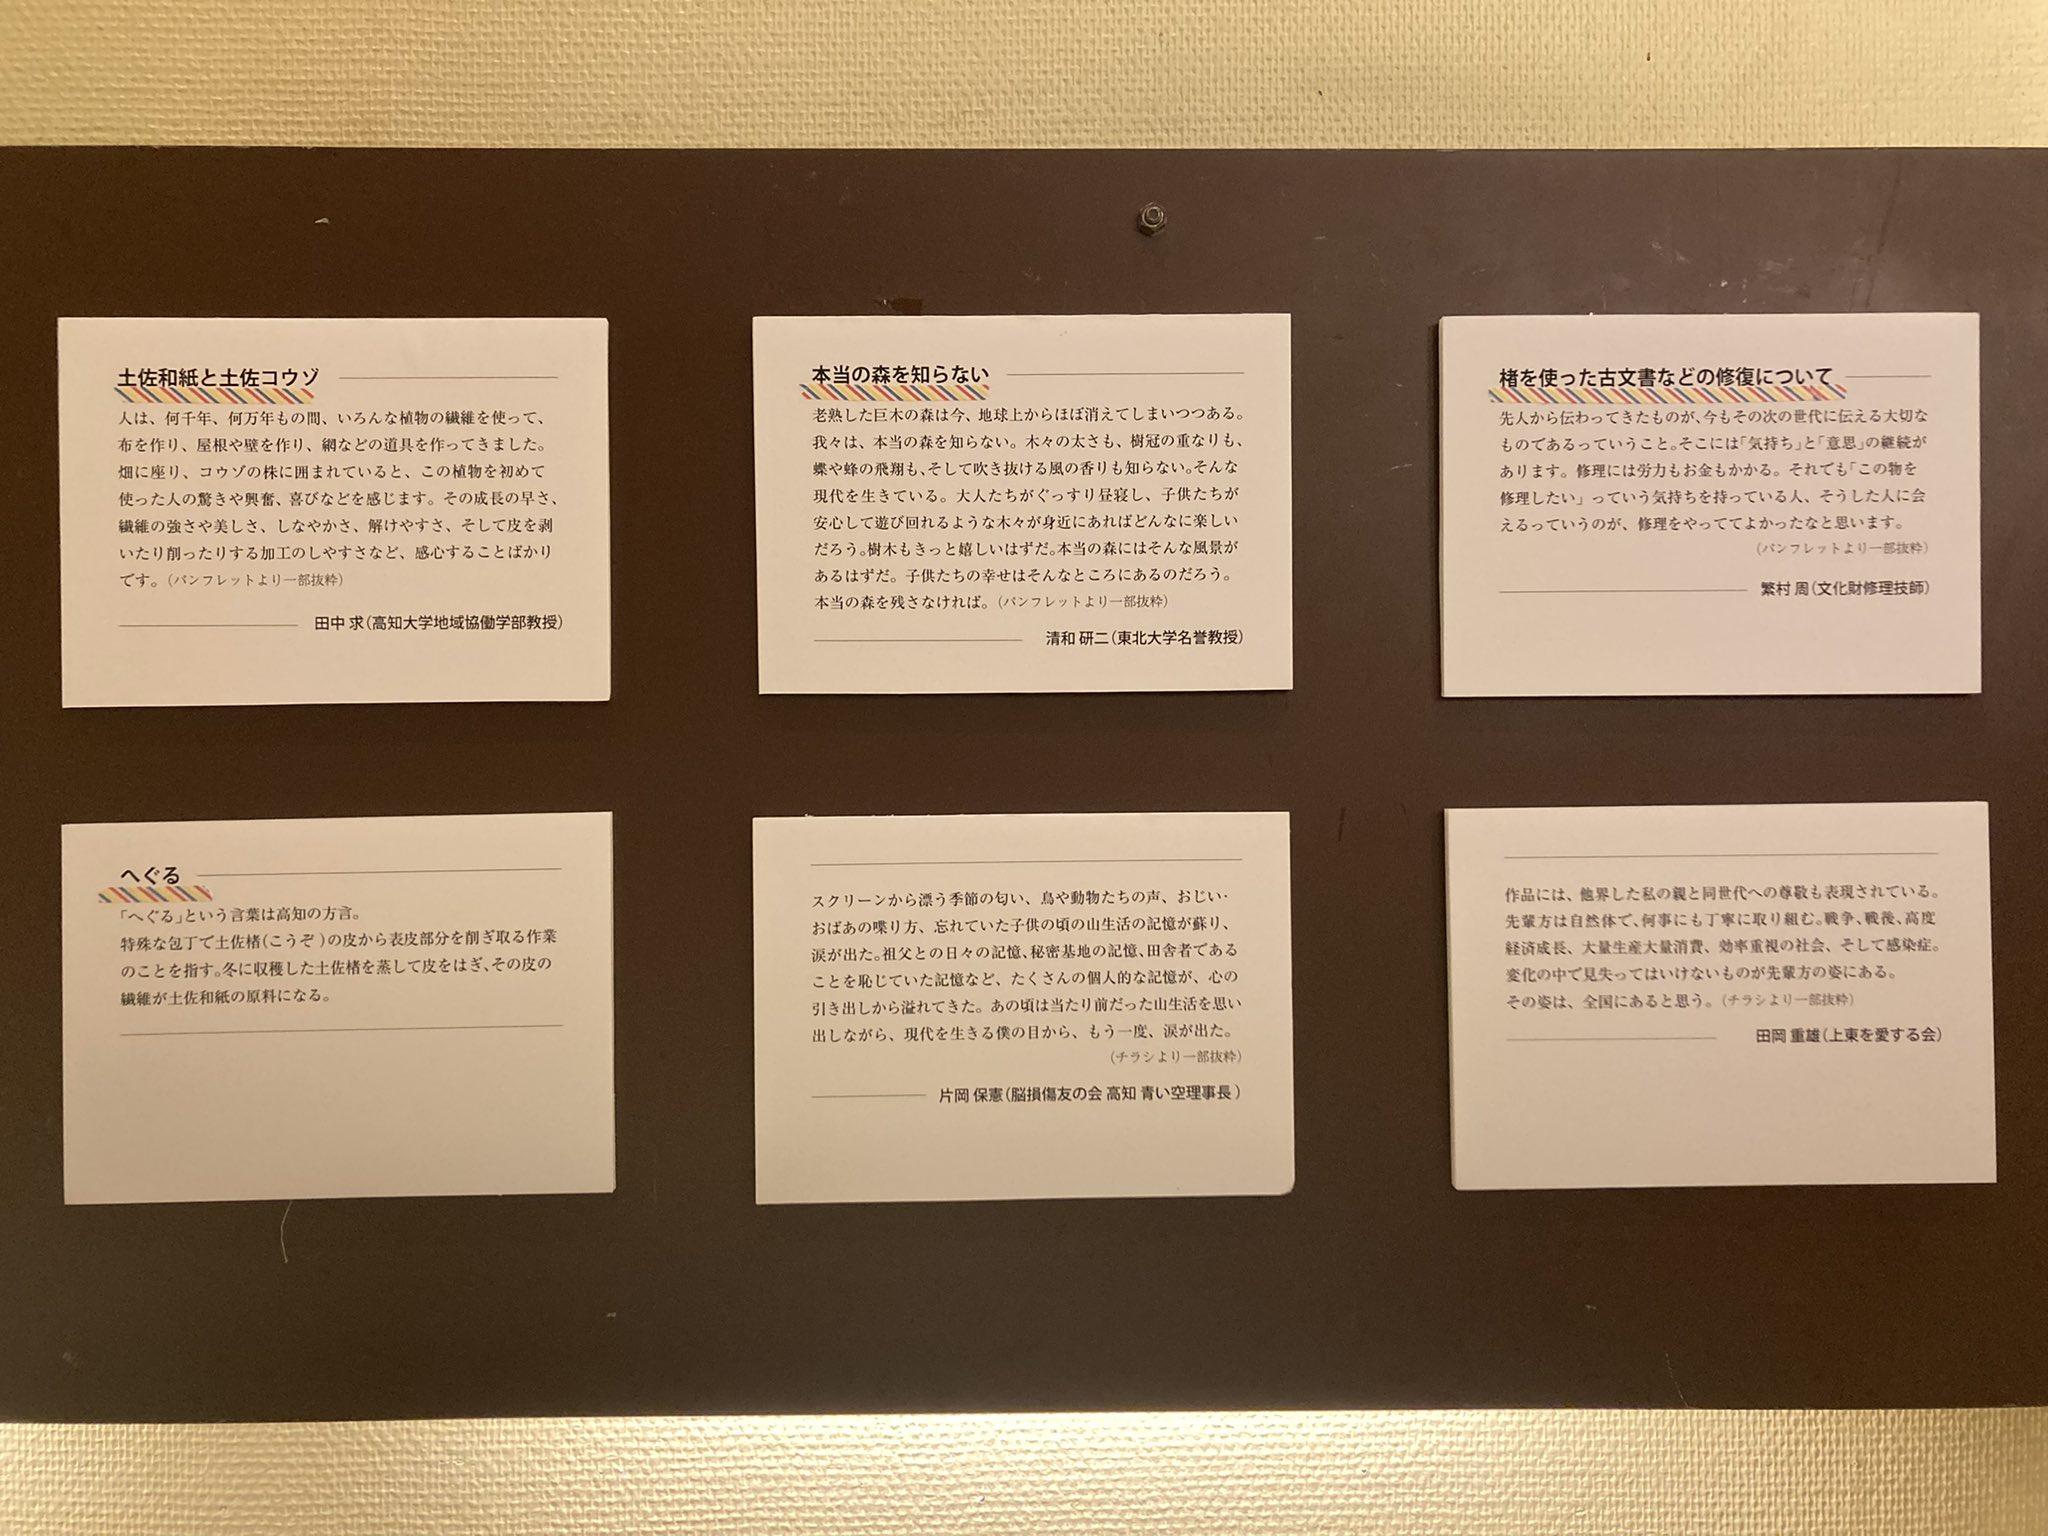 田中求、清和研二、繁村周、片岡保憲、田岡茂雄による、パンフレットより一部抜粋されたコメント。